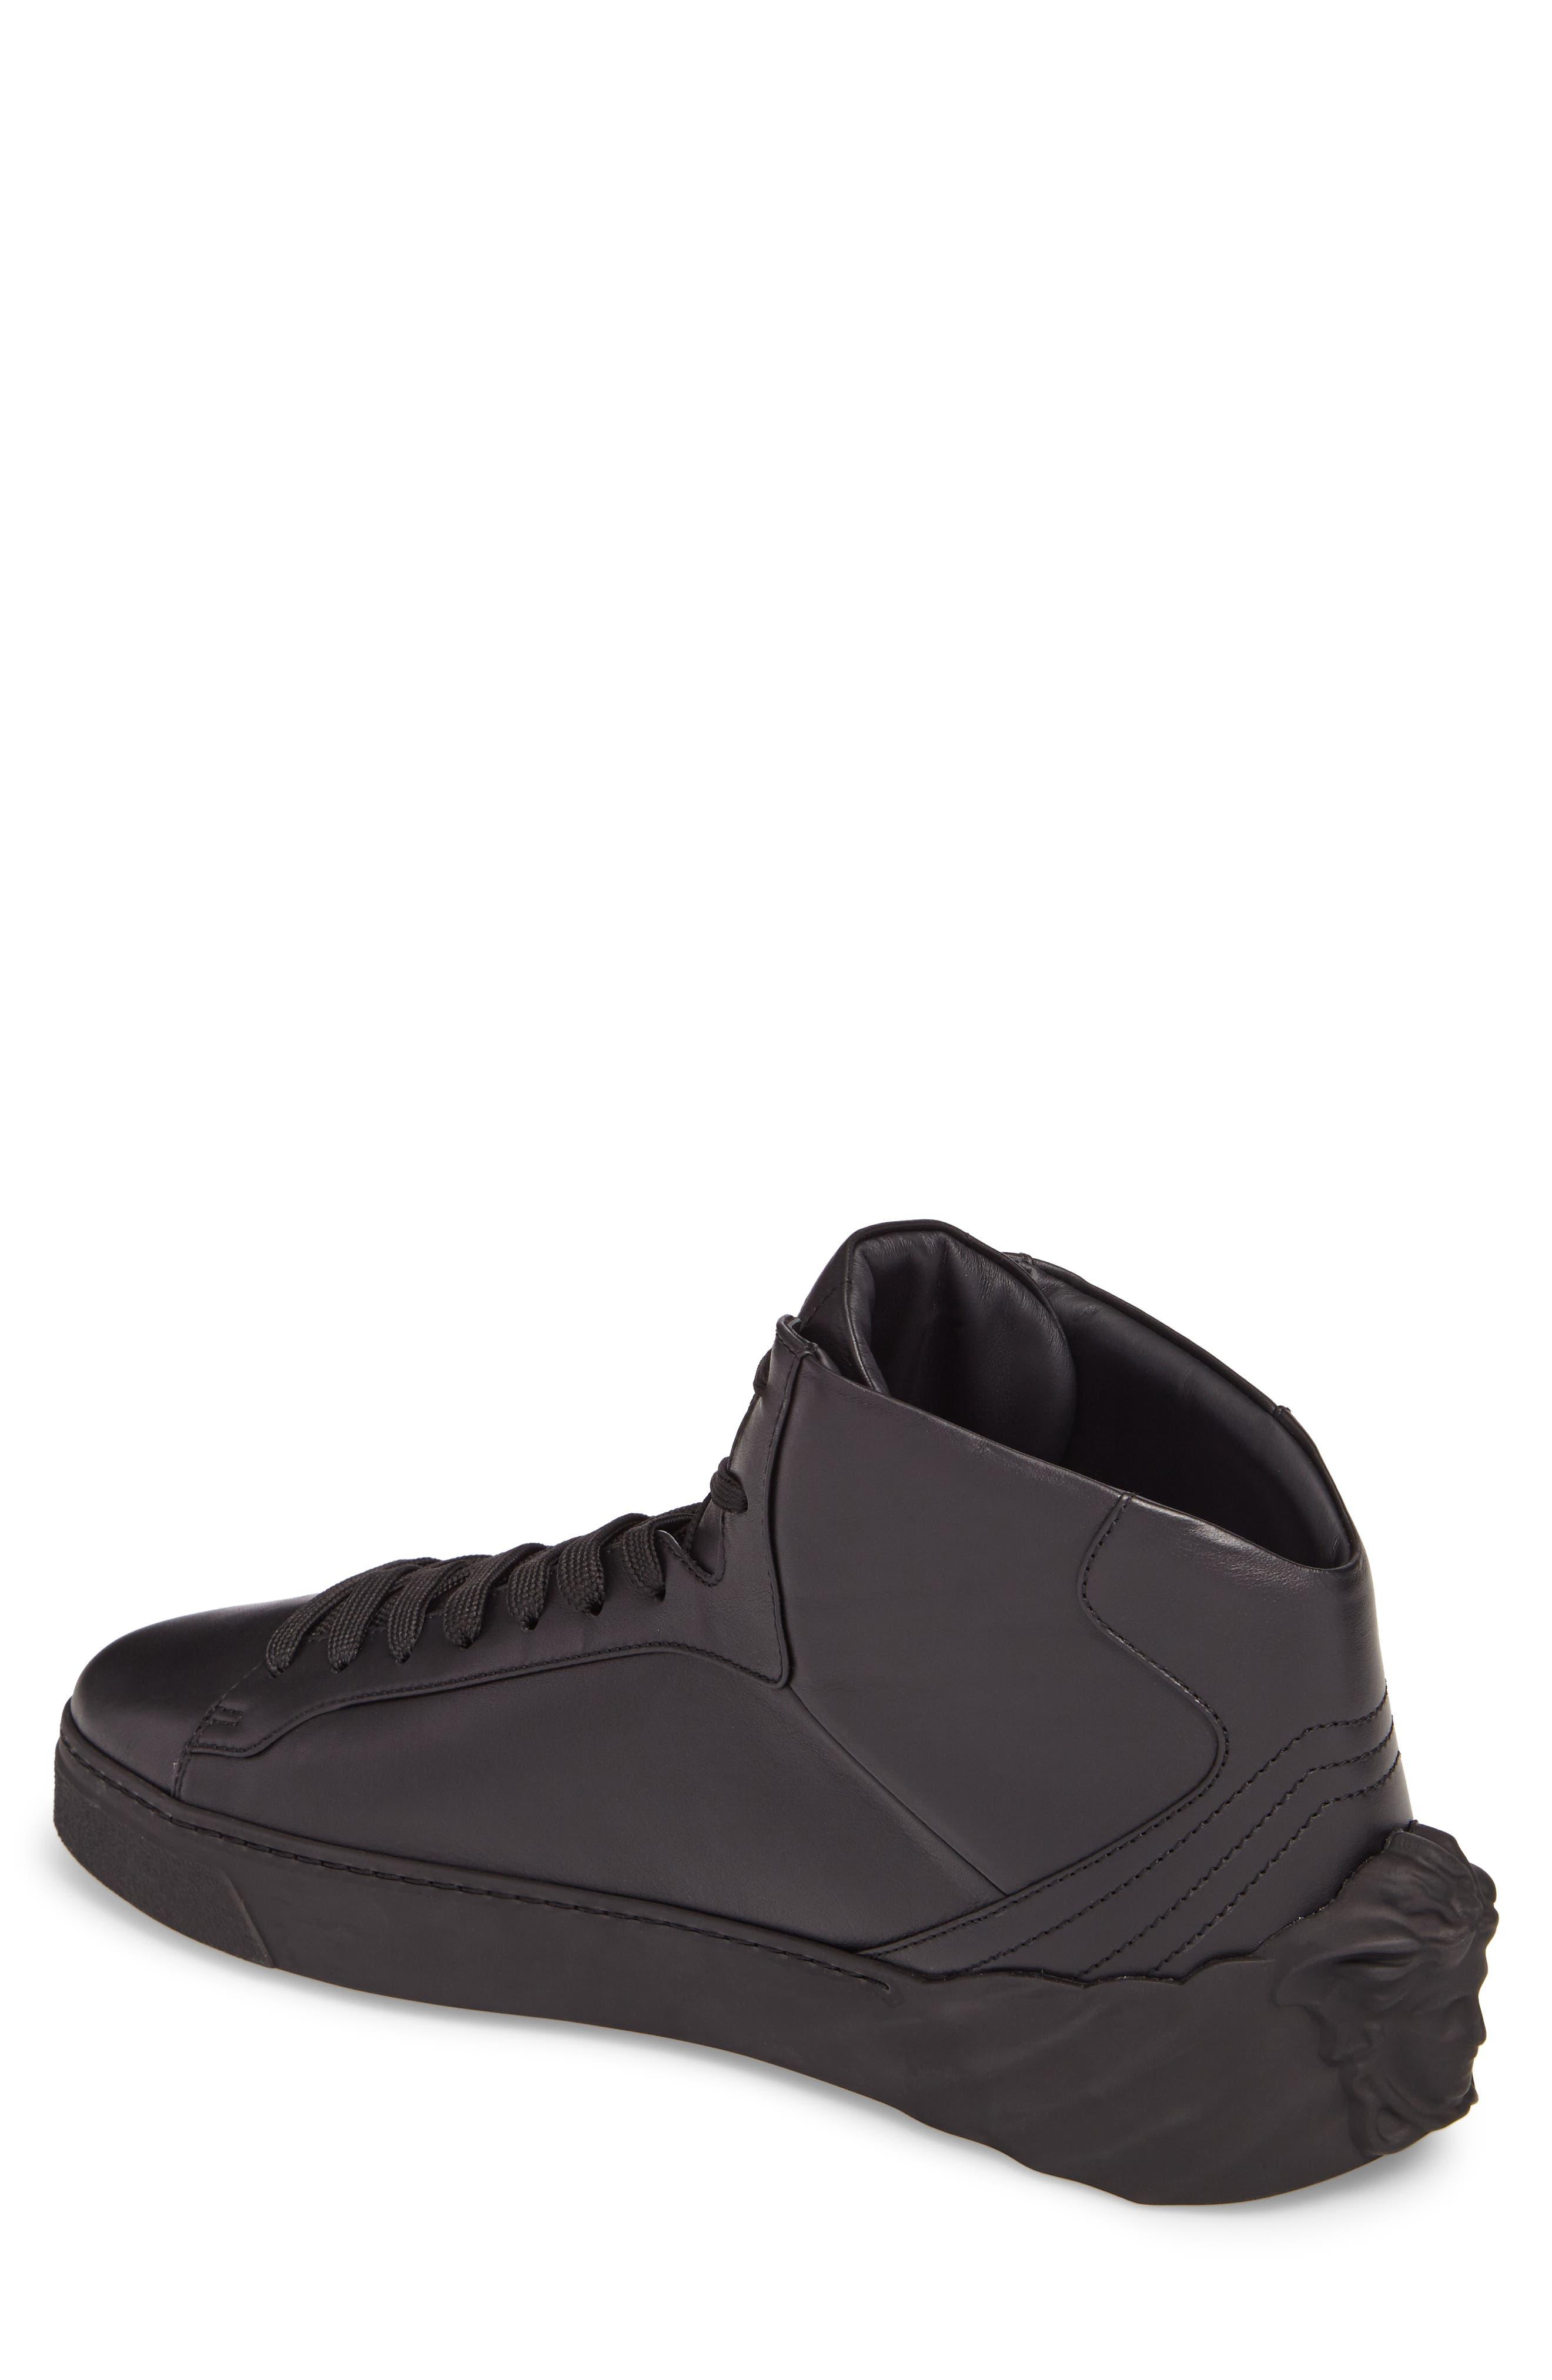 3D Medusa Sneaker,                             Alternate thumbnail 2, color,                             Black